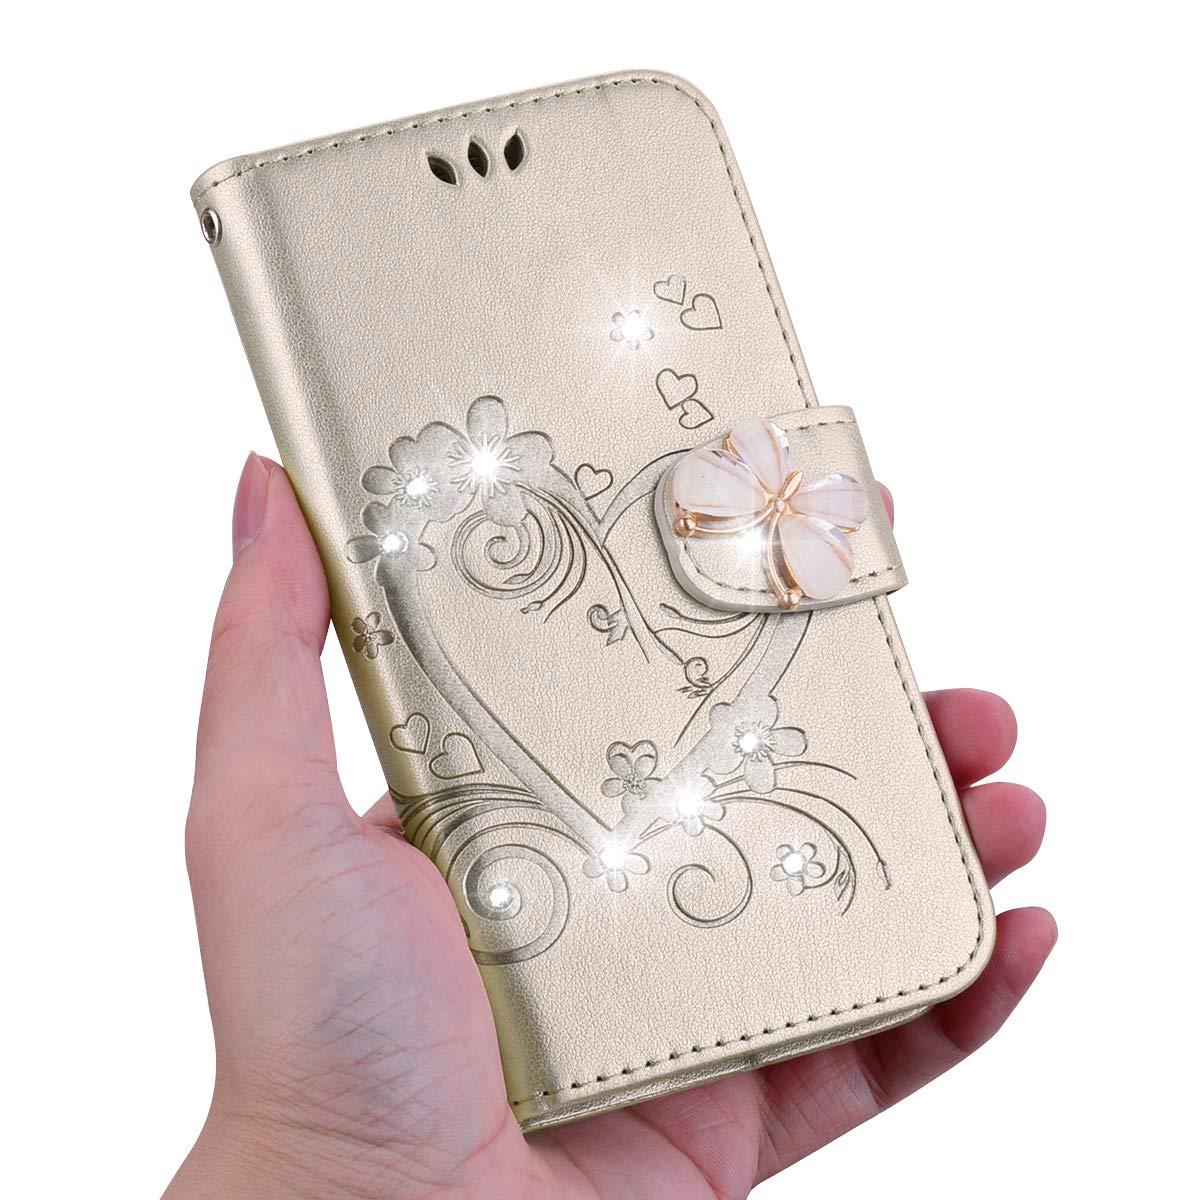 Uposao Kompatibel mit Samsung Galaxy Note 8 Handyh/ülle Schmetterling Liebe Blumen Muster Glitzer Diamant Bling Schutzh/ülle Flip Case Cover Brieftasche Klapph/ülle Leder H/ülle,Rose Pink